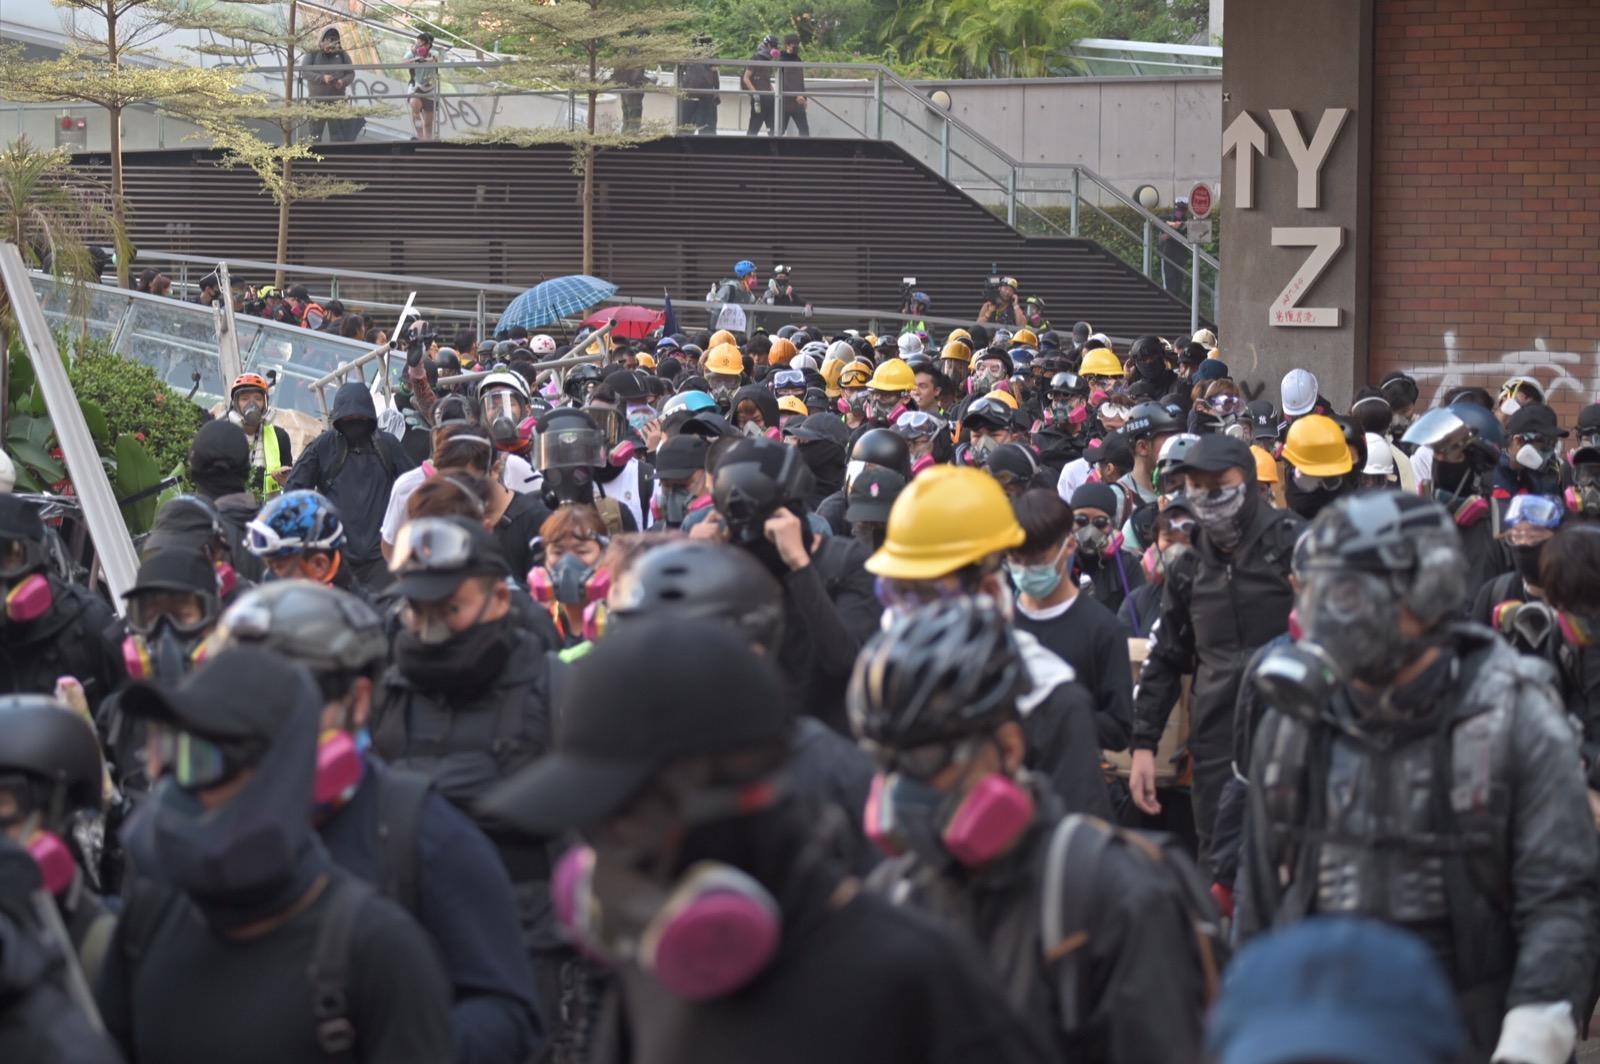 【修例风波】防暴警金马伦道举蓝旗警告 叫示威者离开